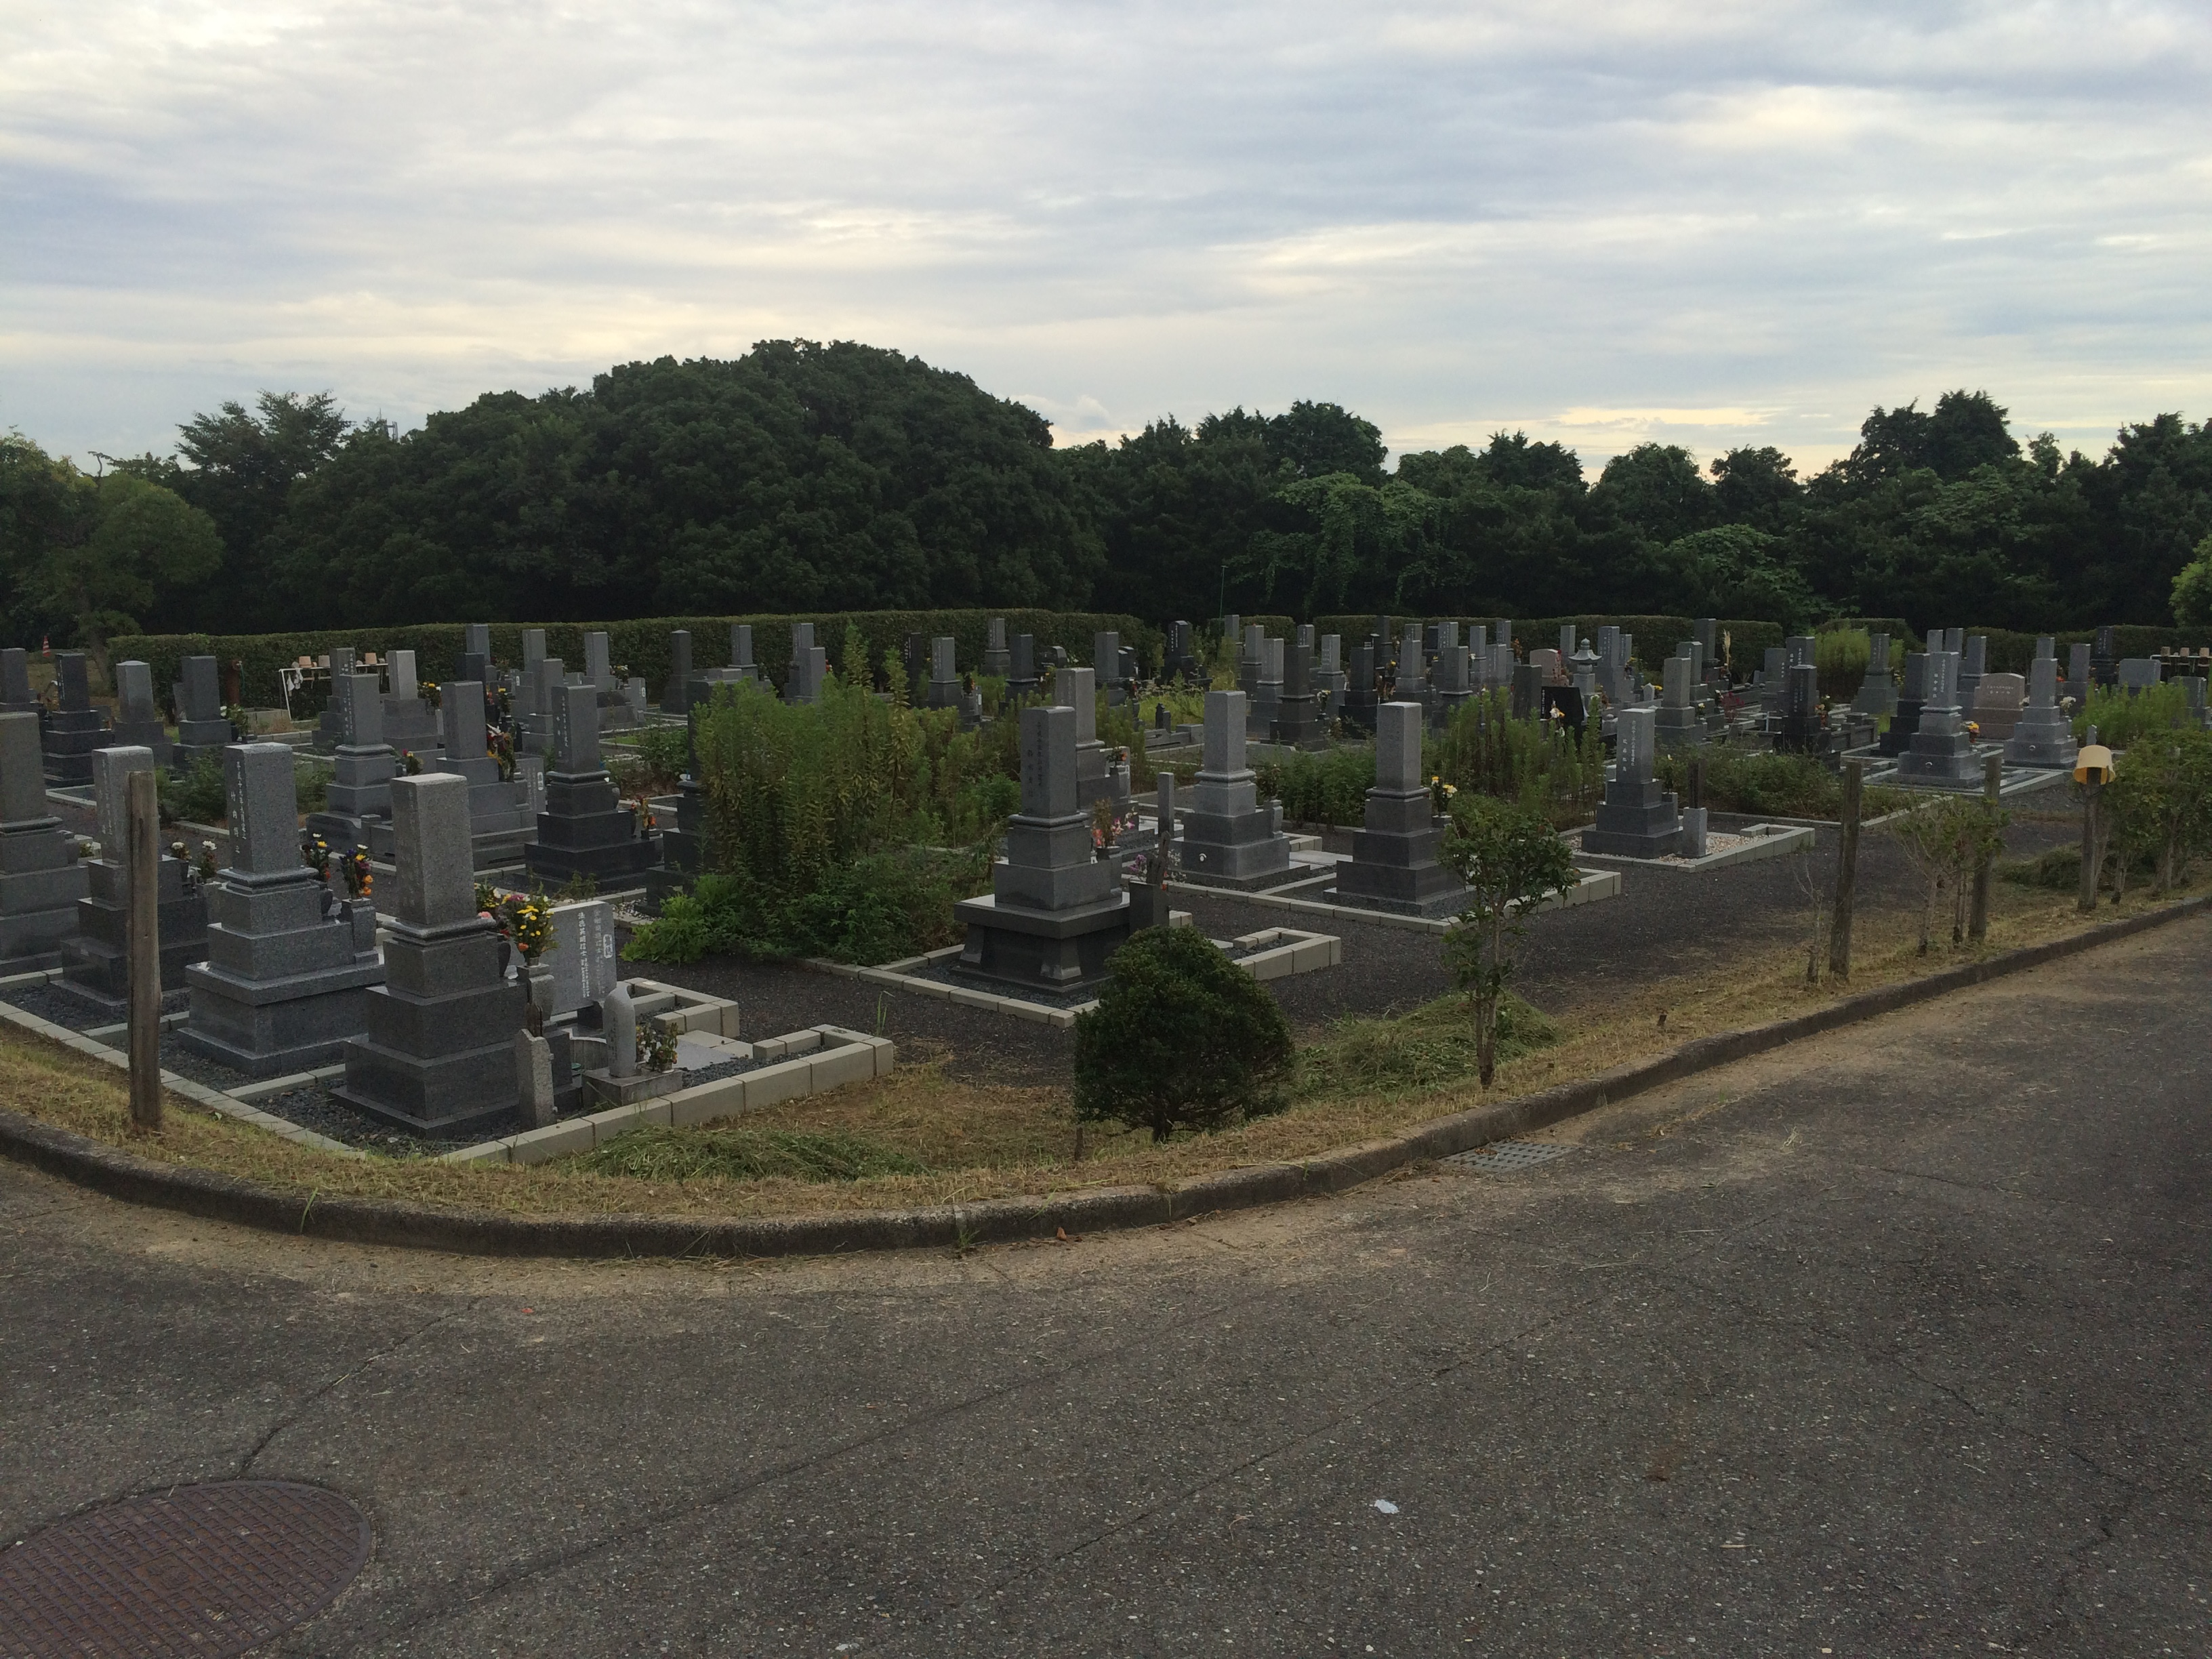 高坂墓園全景